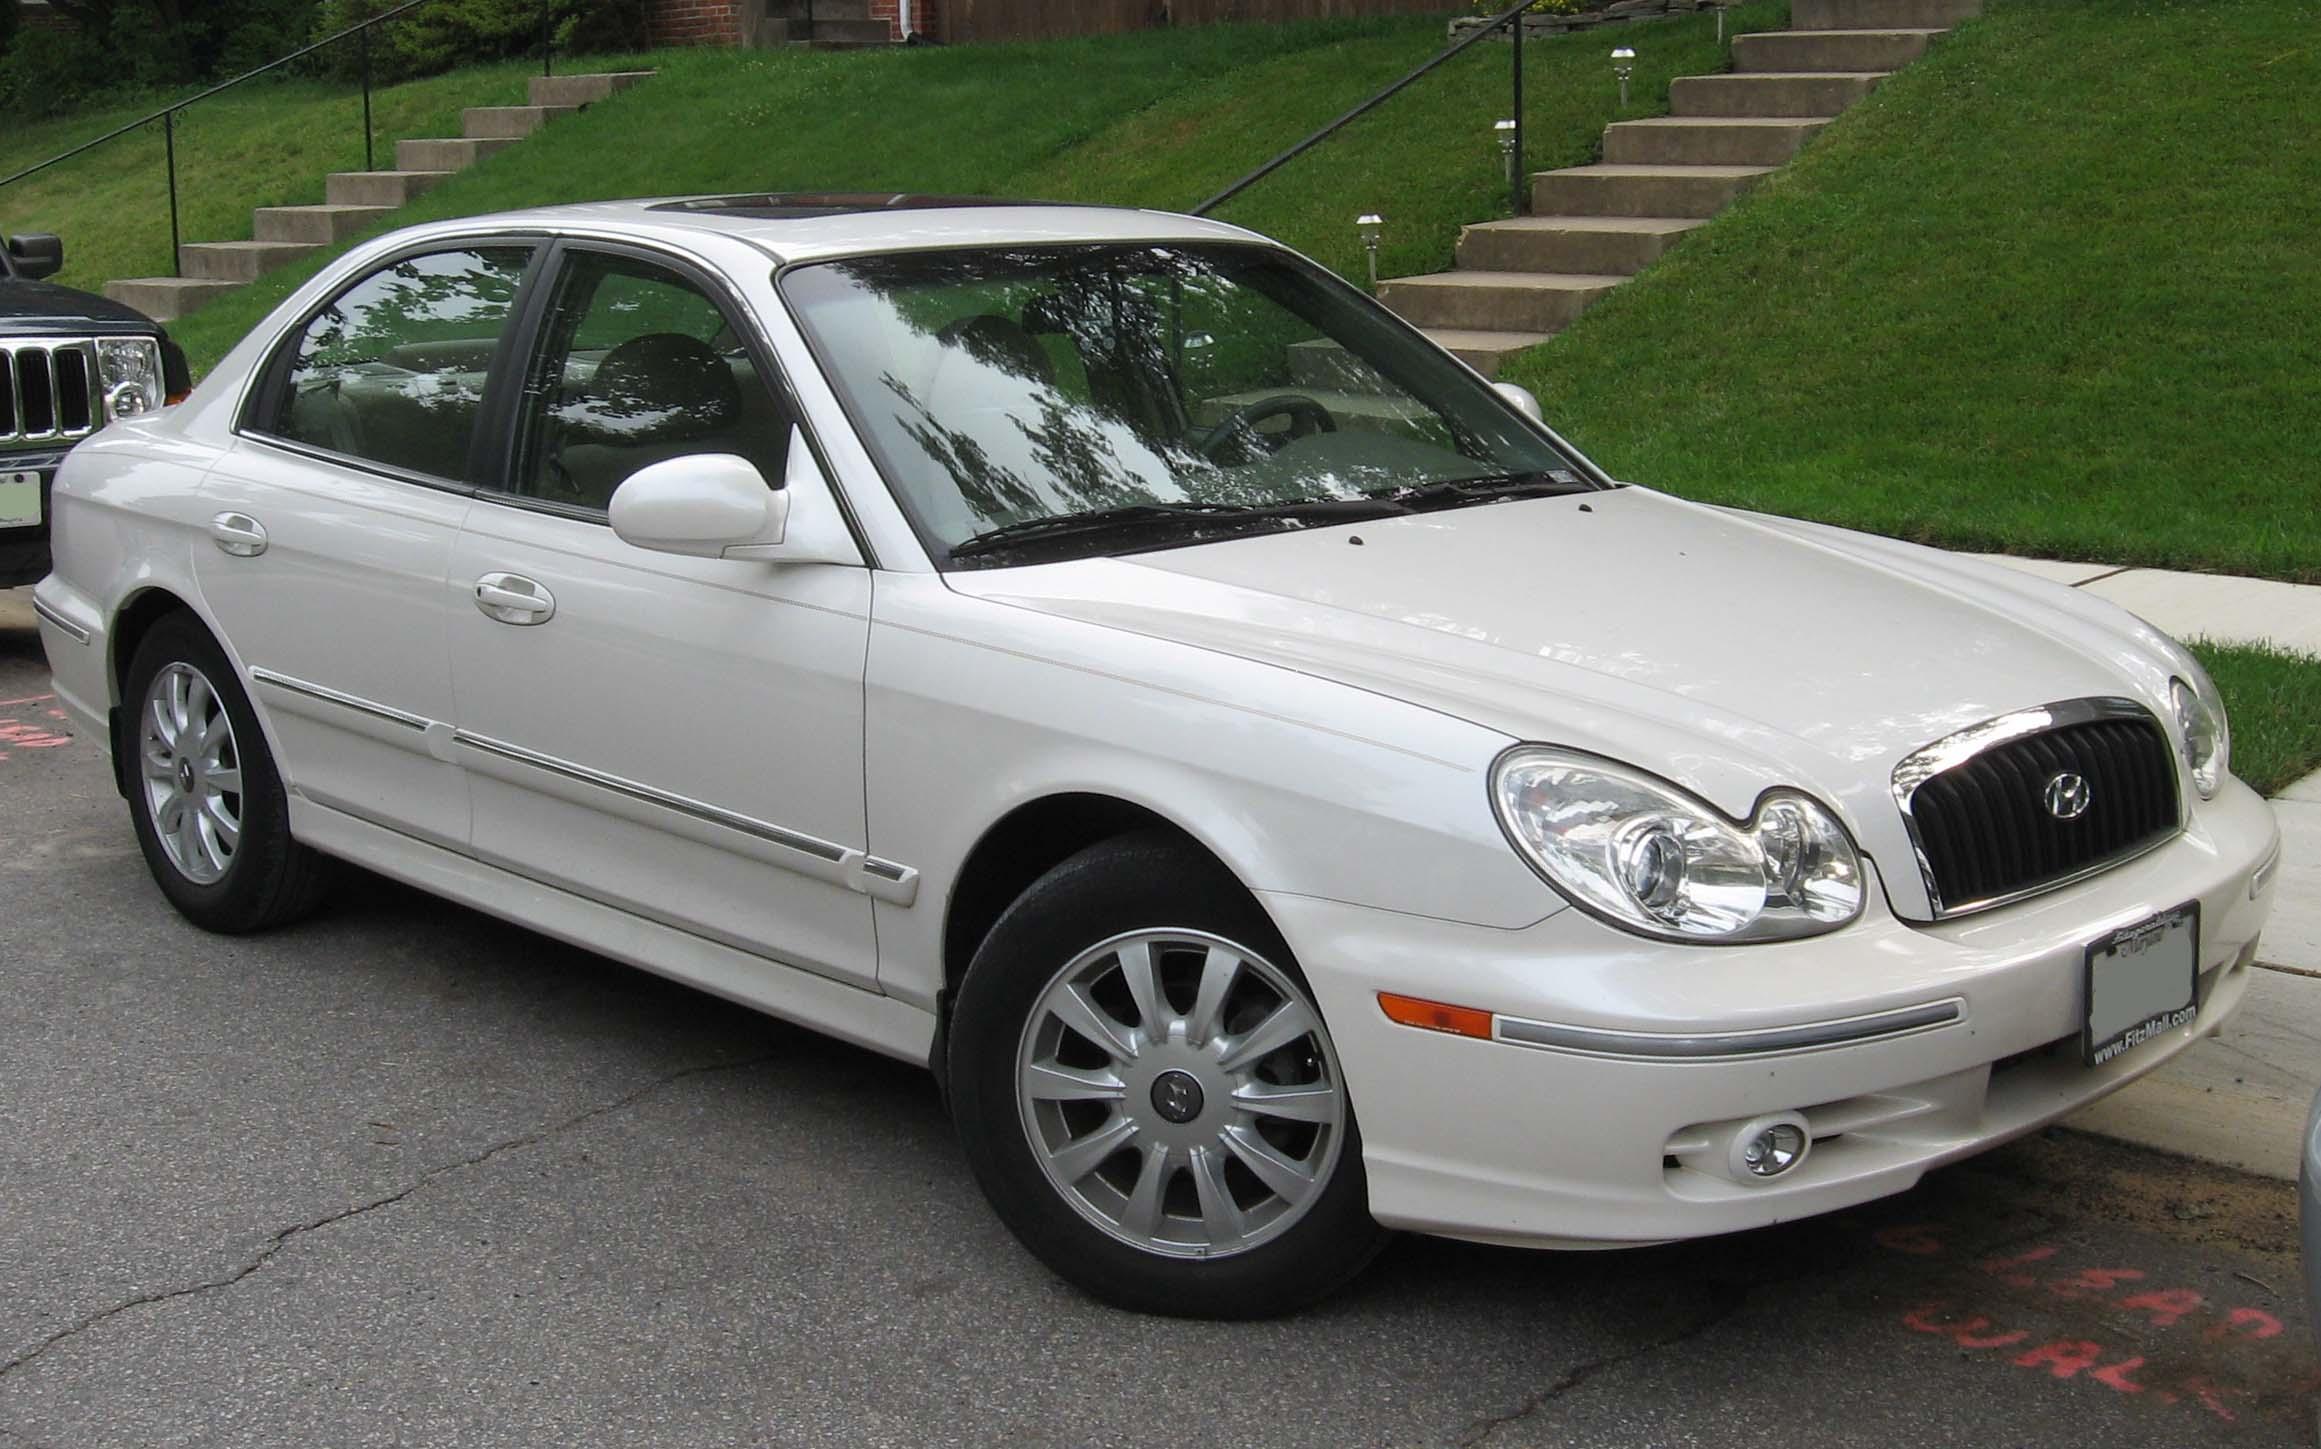 File:2002 05 Hyundai Sonata